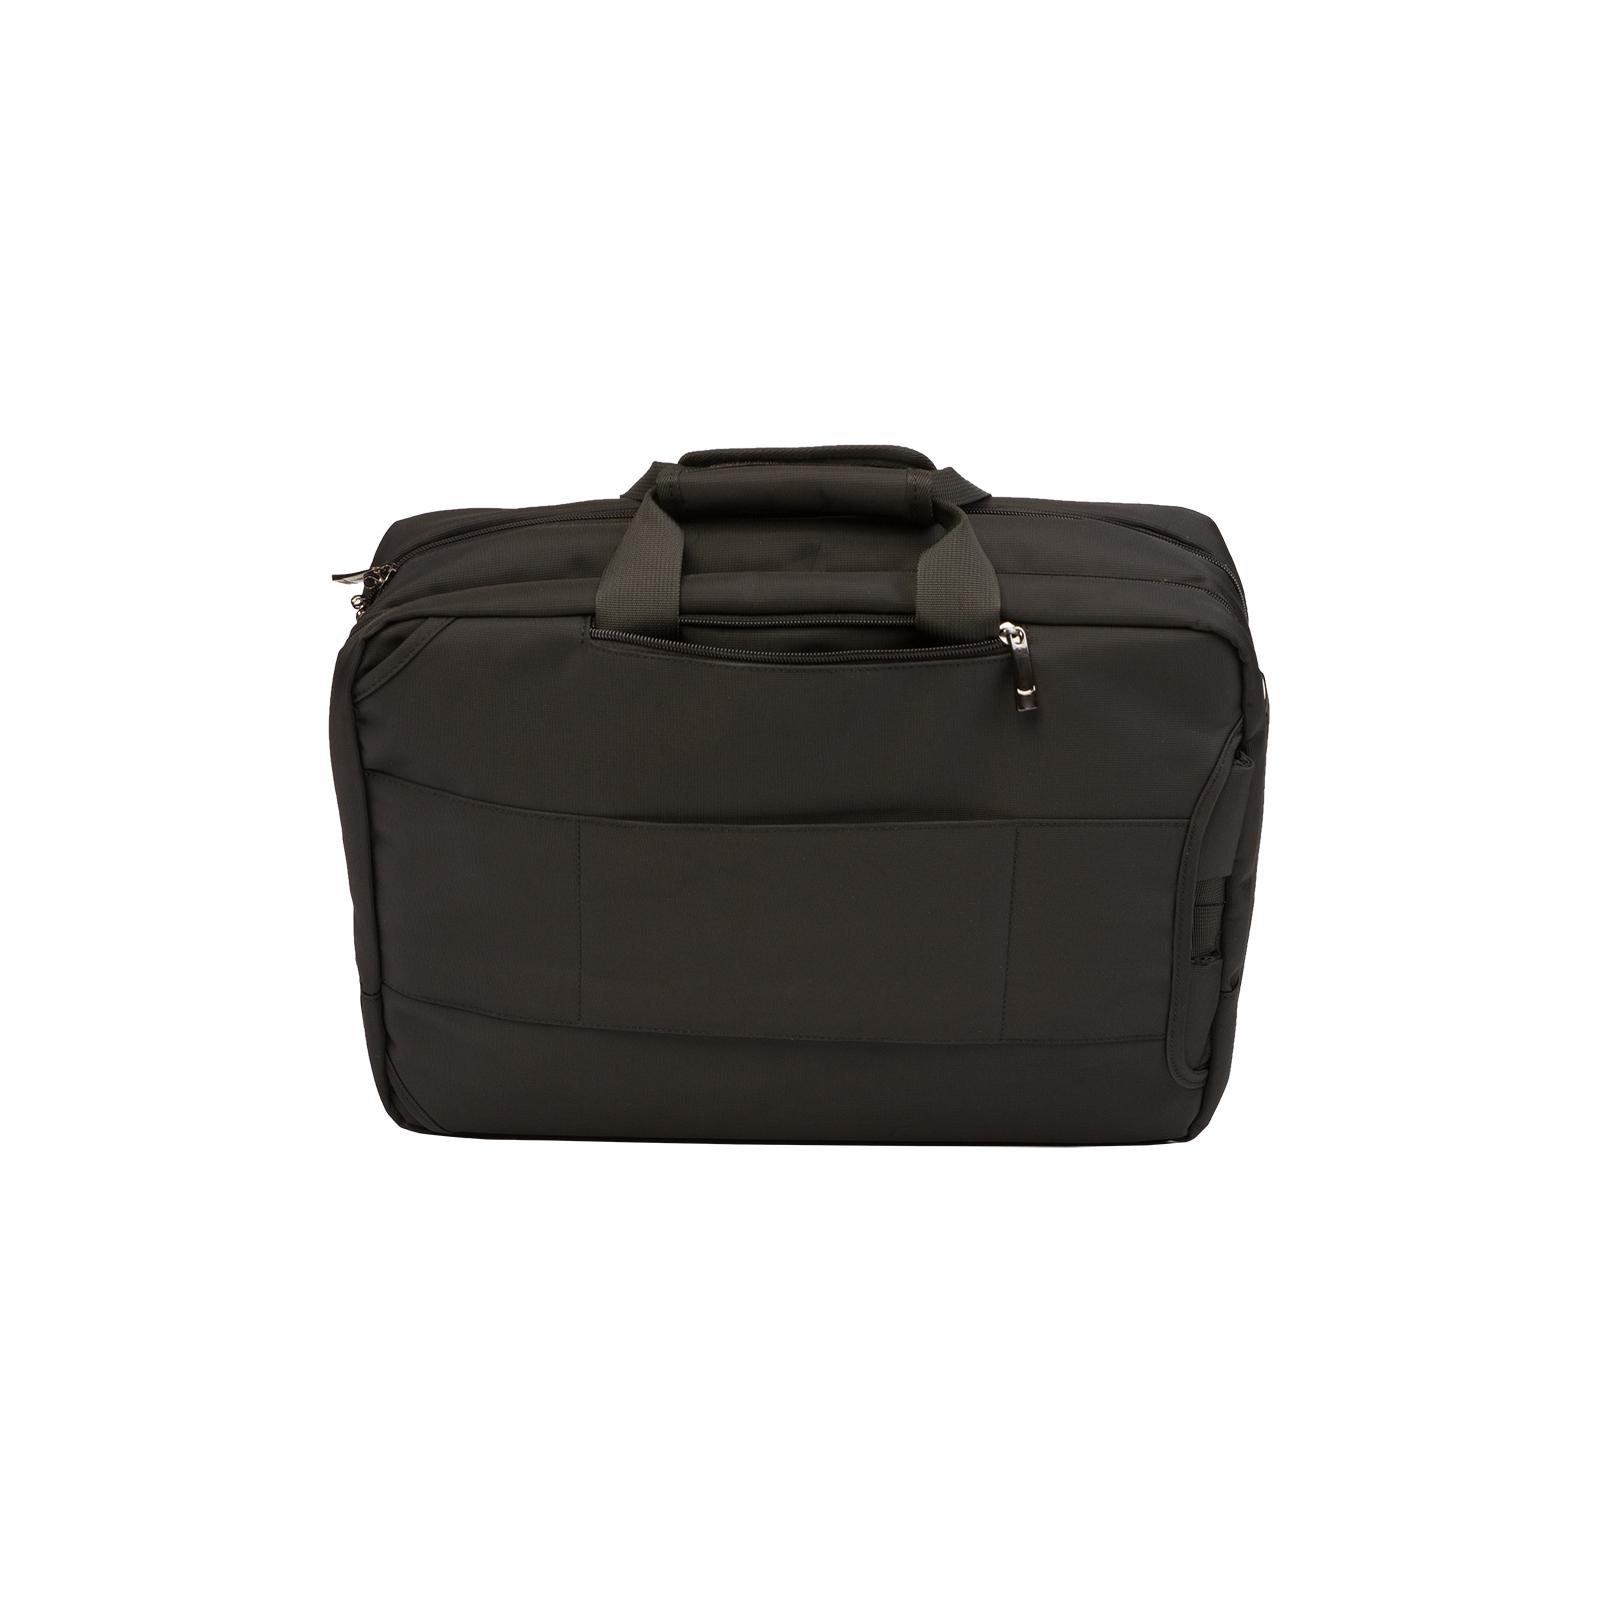 6a780116da41 Сумка для ноутбука Grand-X 15.6'' Black (SB-225) цены в Киеве и ...